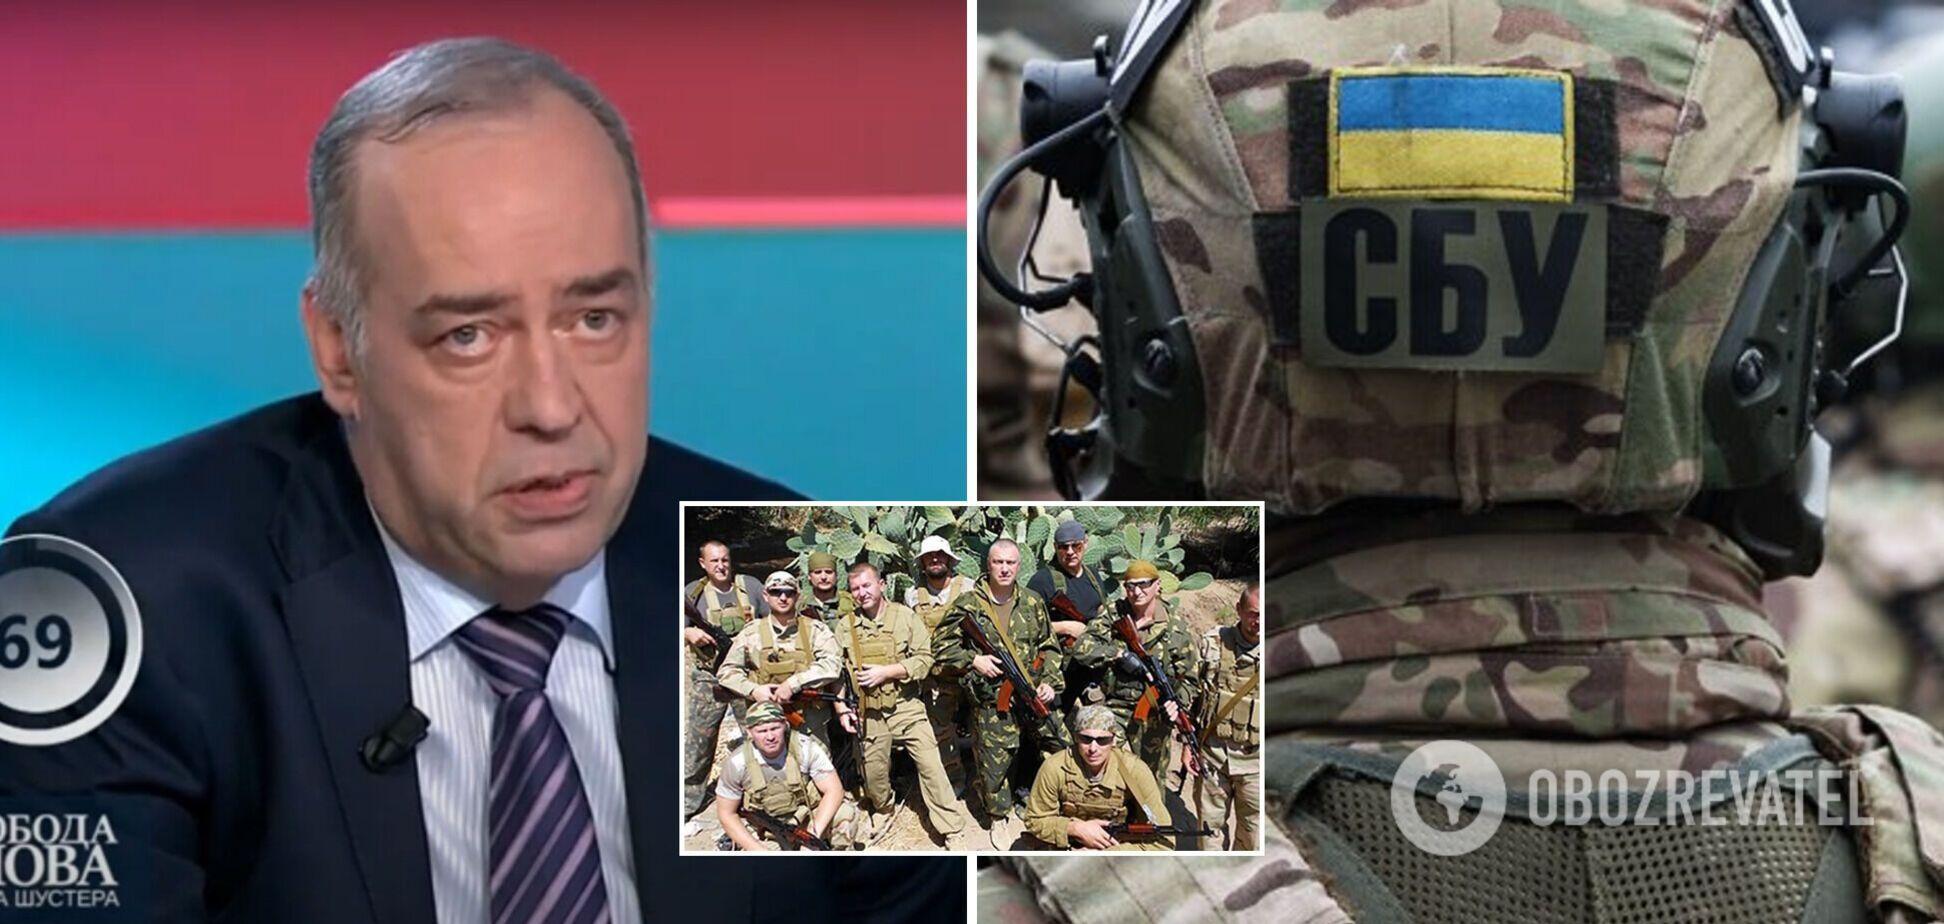 Дело 'вагнеровцев': украинцы смогут узнать правду о спецоперации через много лет